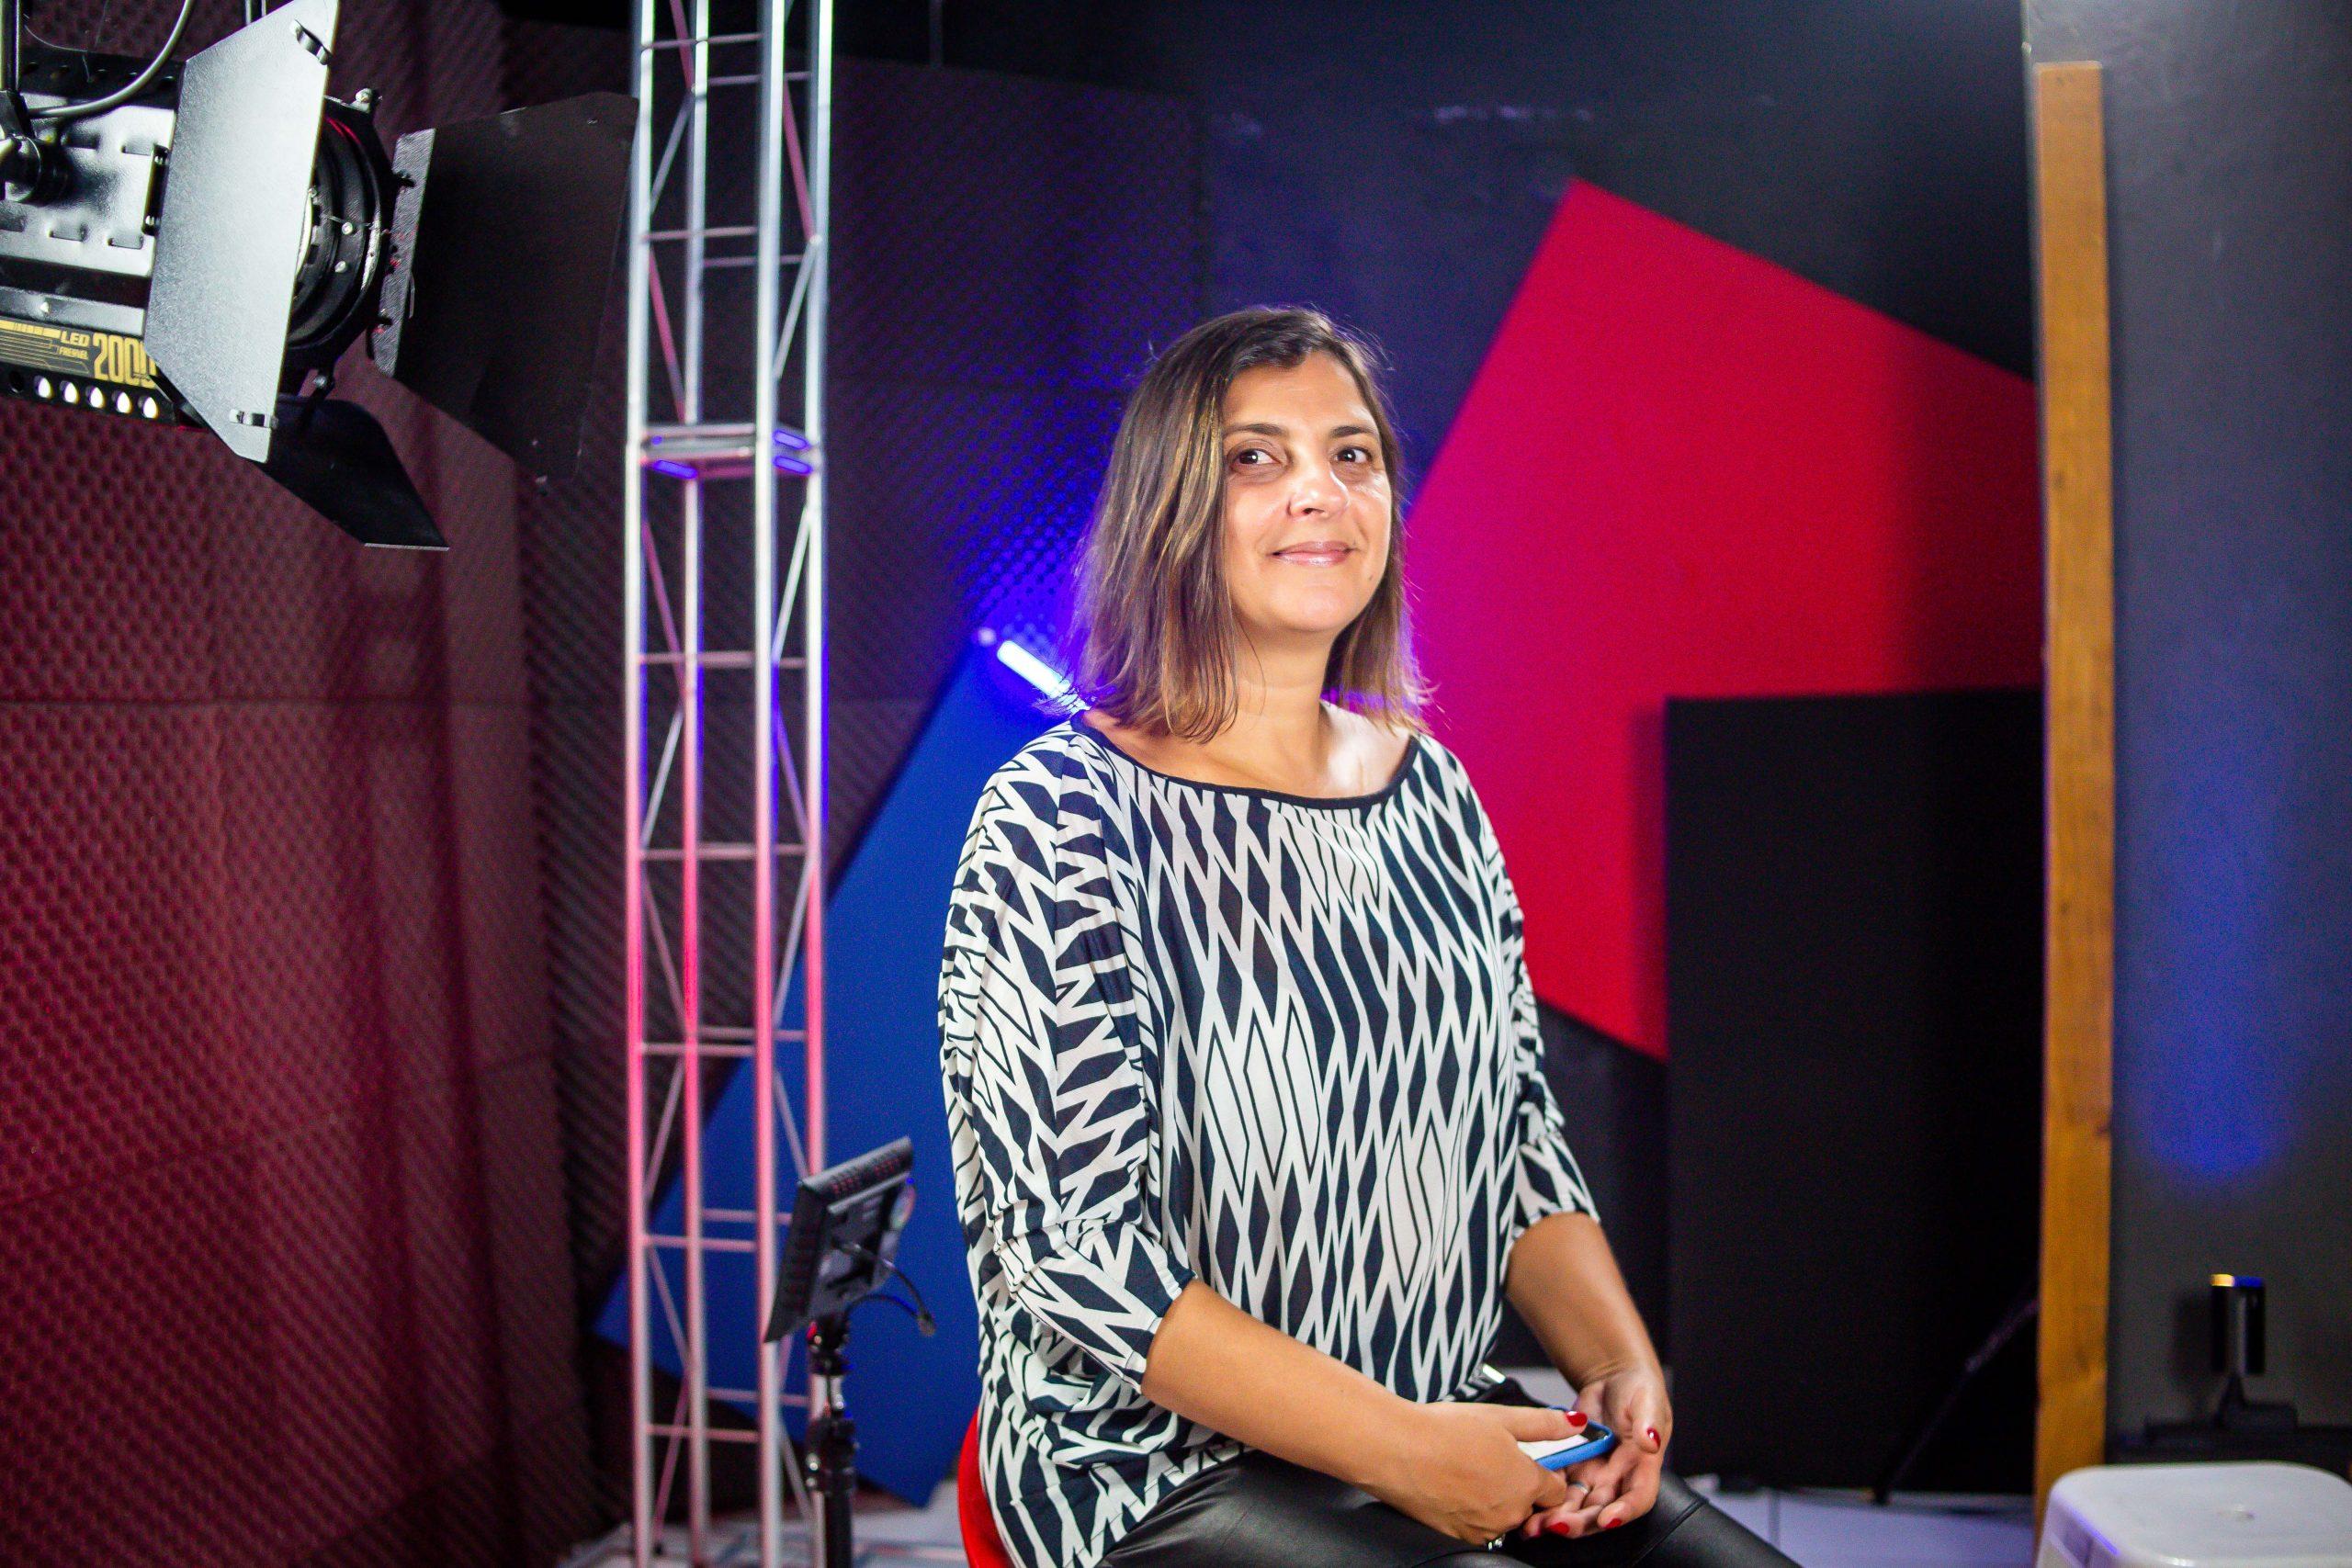 A jornalista Adriana de Barros na 2ª Edição do Prêmio Arcanjo de Cultura. (Foto: Edson Lopes Jr./Prêmio Arcanjo)